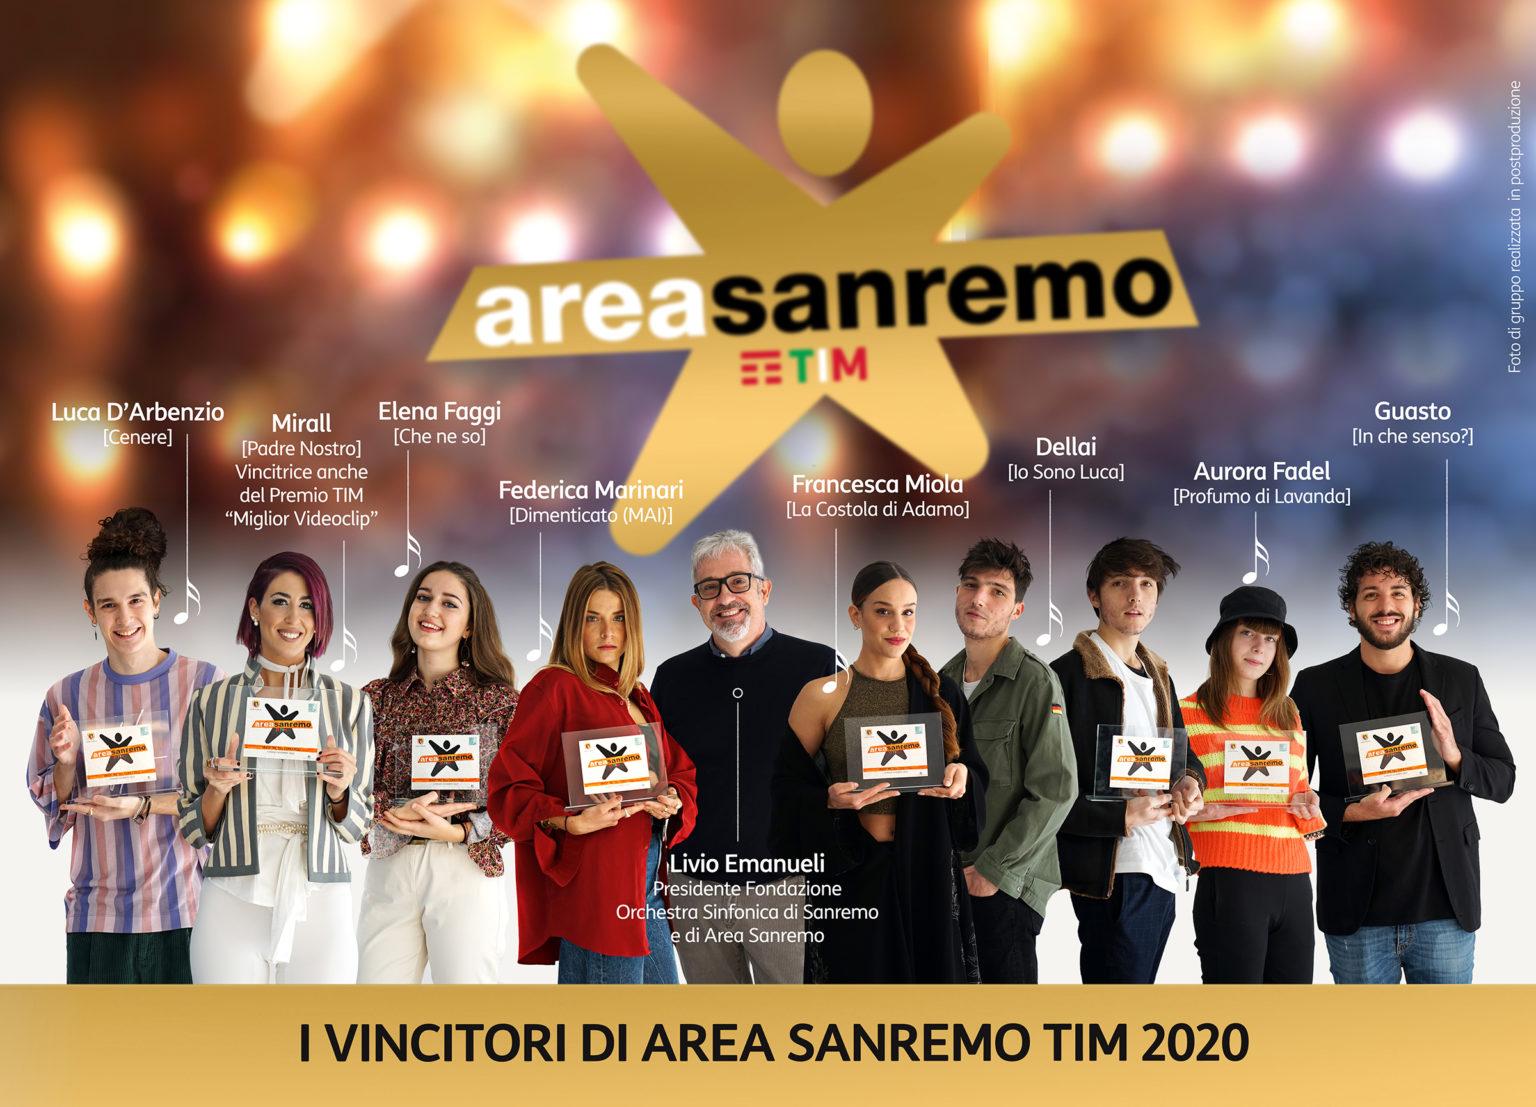 AREA SANREMO punta sulle donne per bilanciare i Festival all'Amadeus – Ecco i nomi degli 8 vincitori